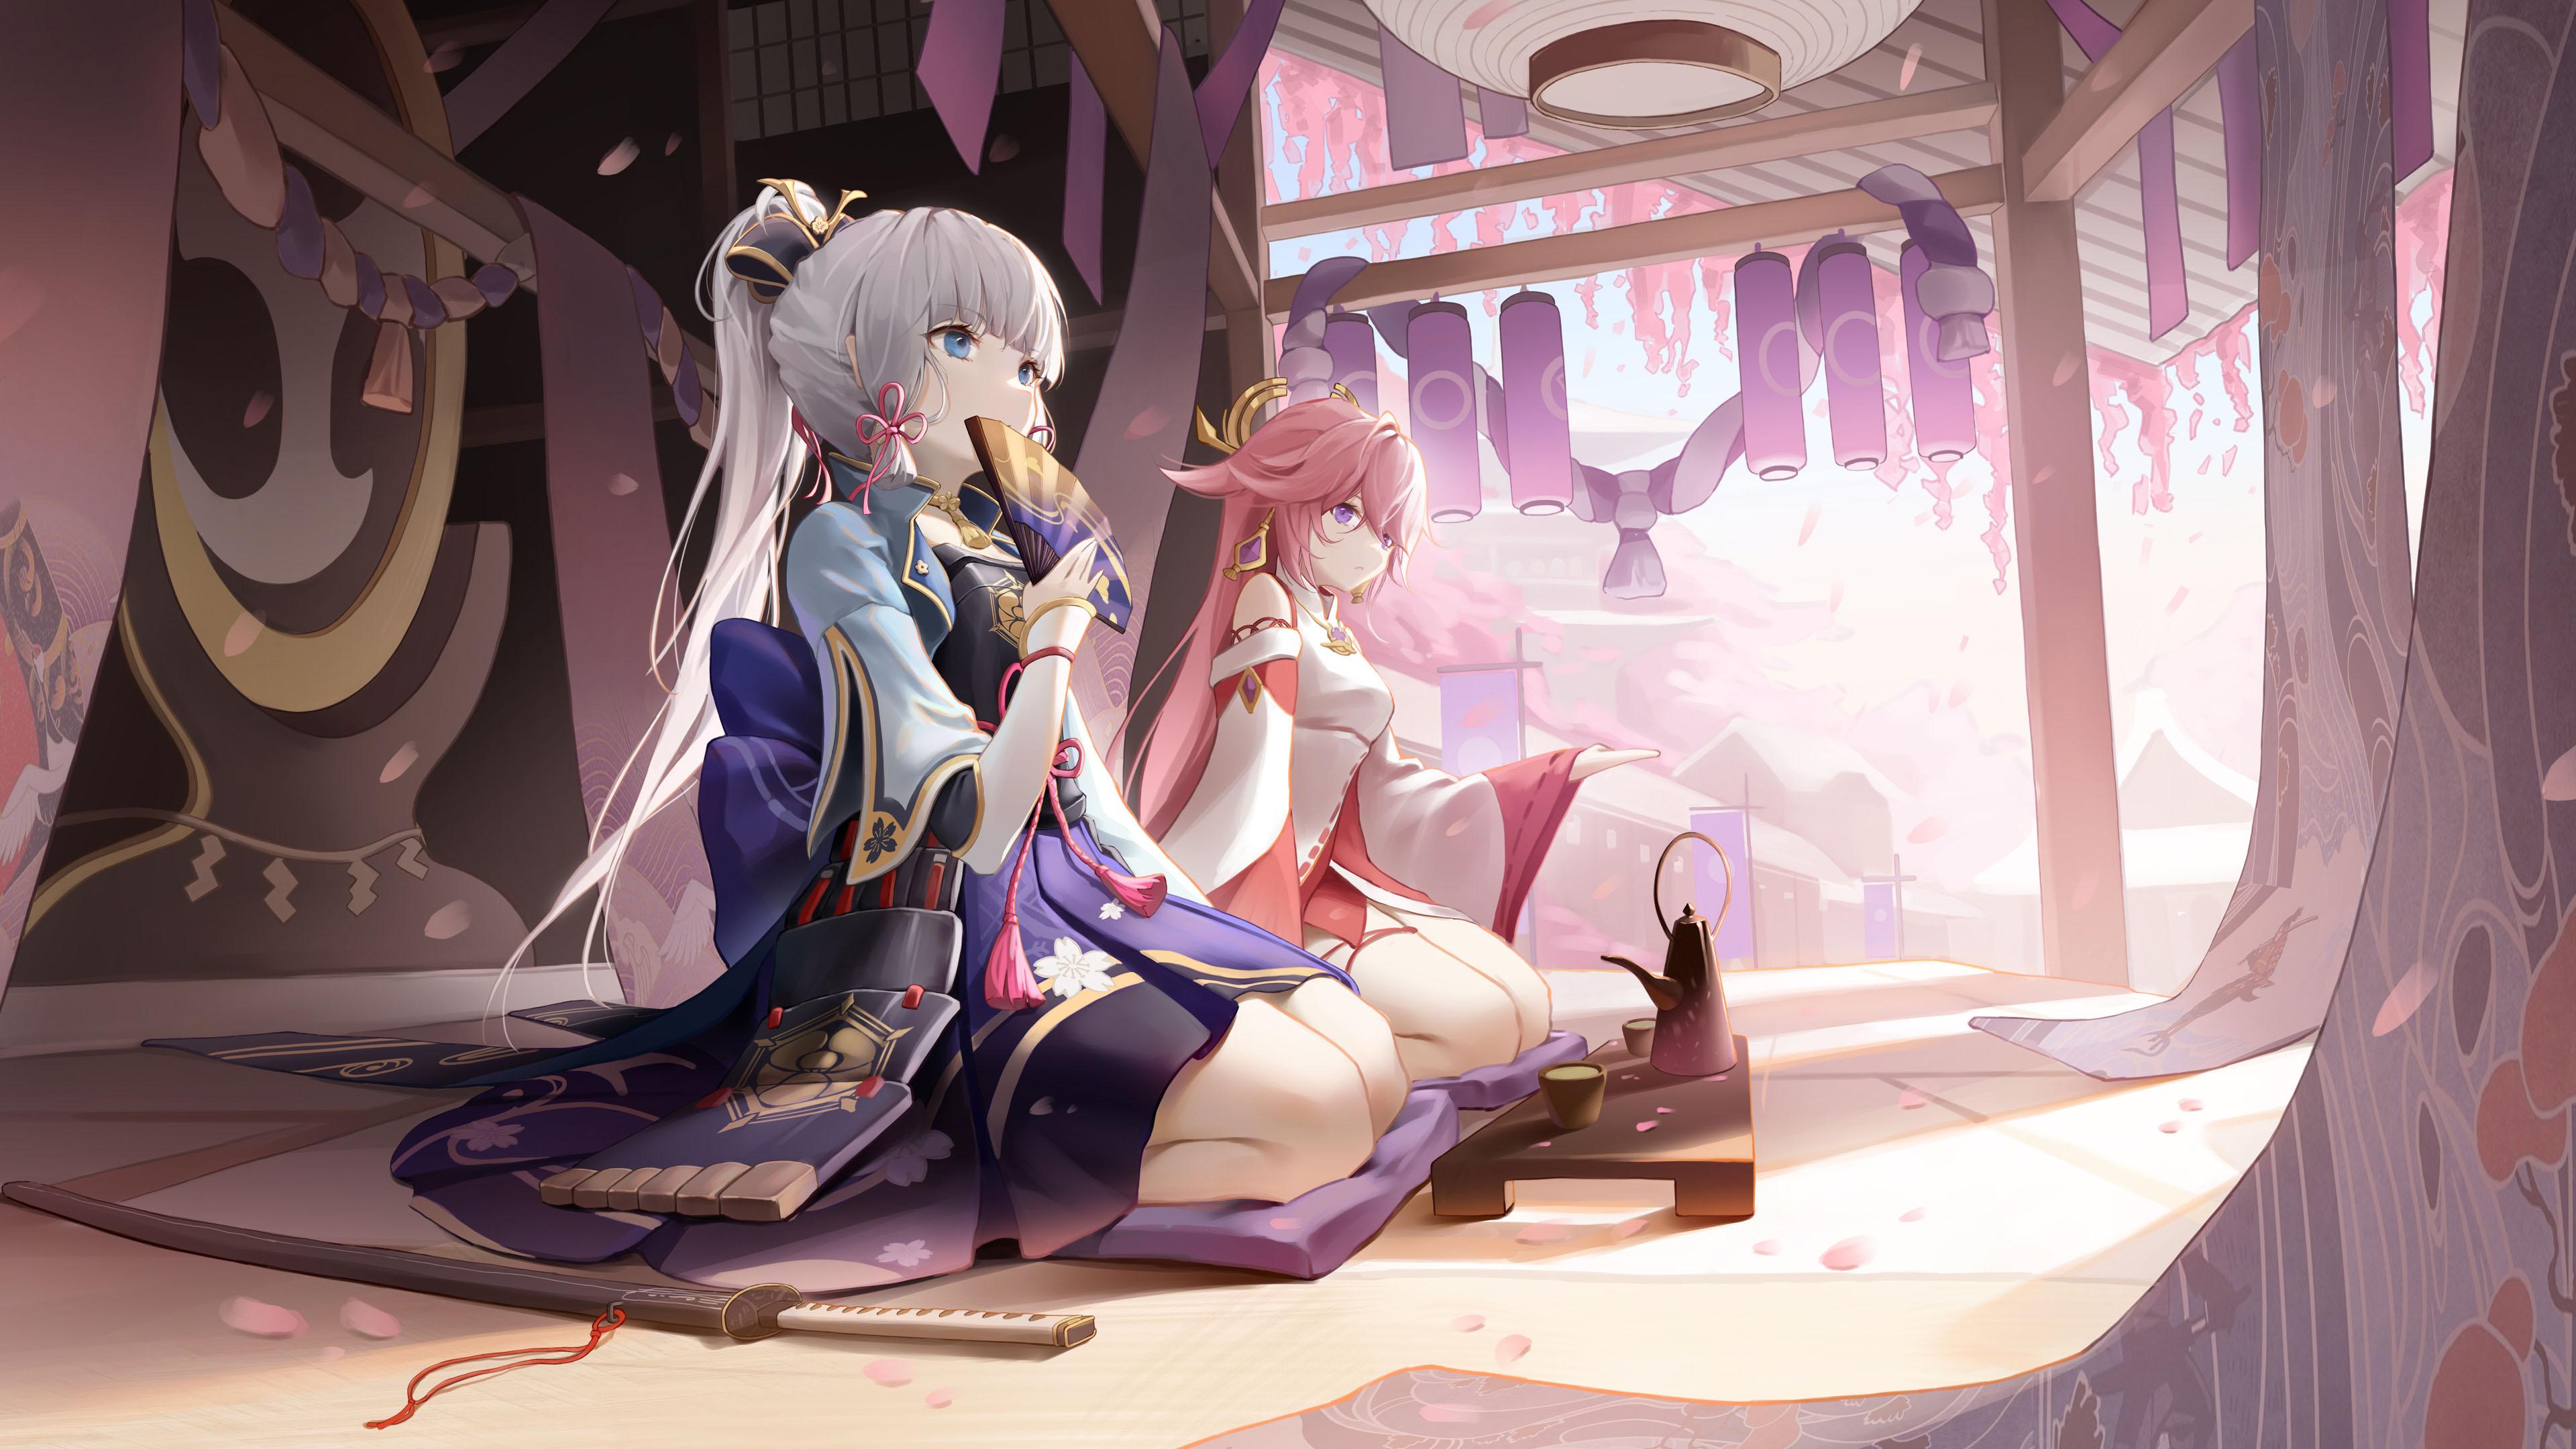 游戏壁纸,手游世界,原神,神里绫华,八重神子